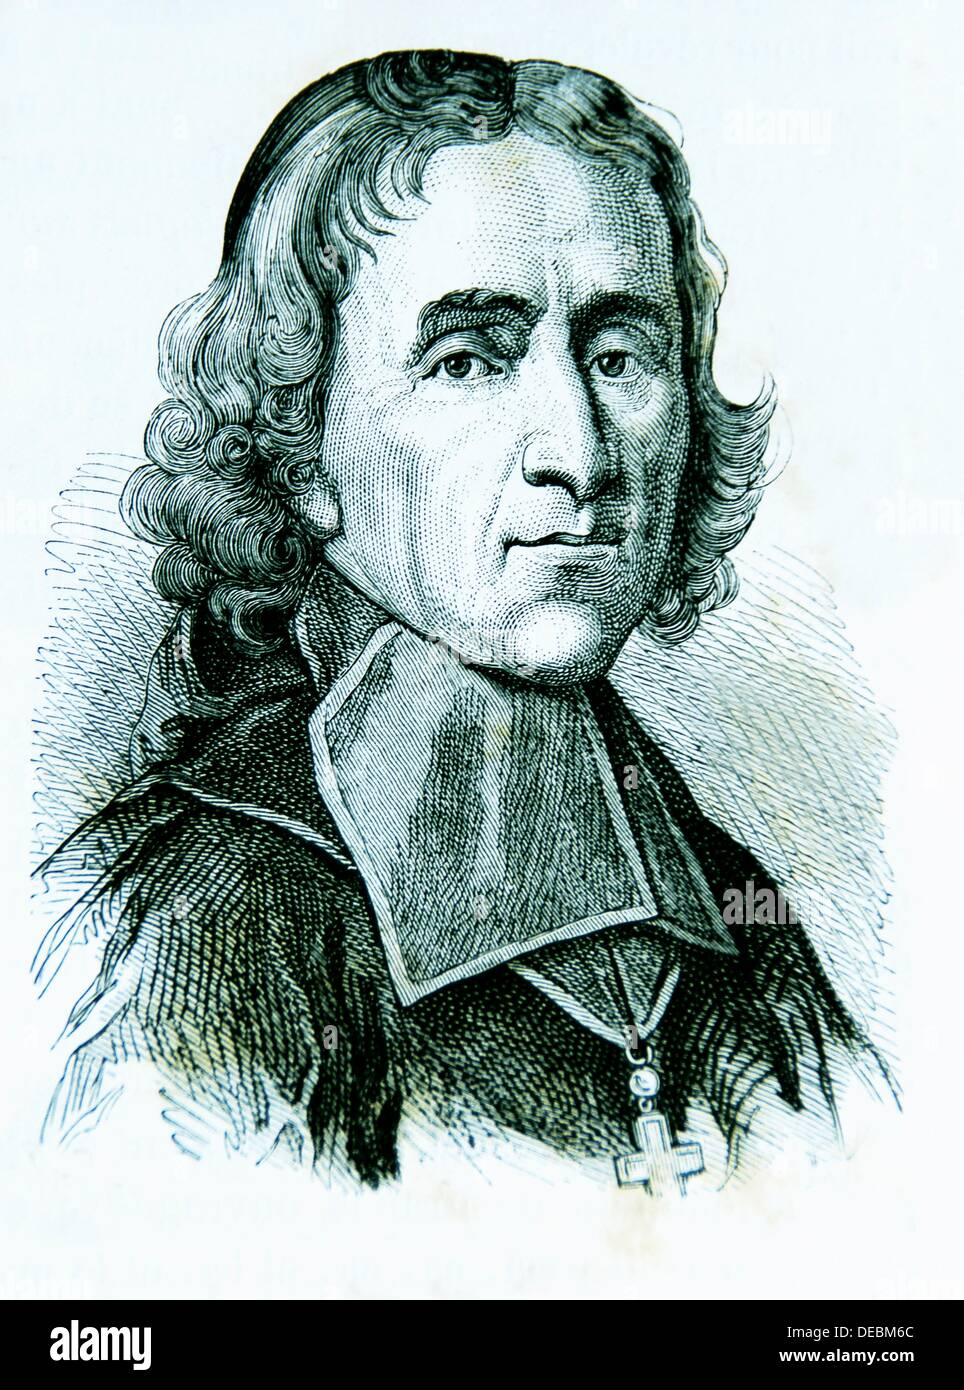 François de Salignac de la Mothe-Fénelon, plus communément connu sous le nom de François FENELON 6 août 1651 - 7 janvier 1715, était un Photo Stock